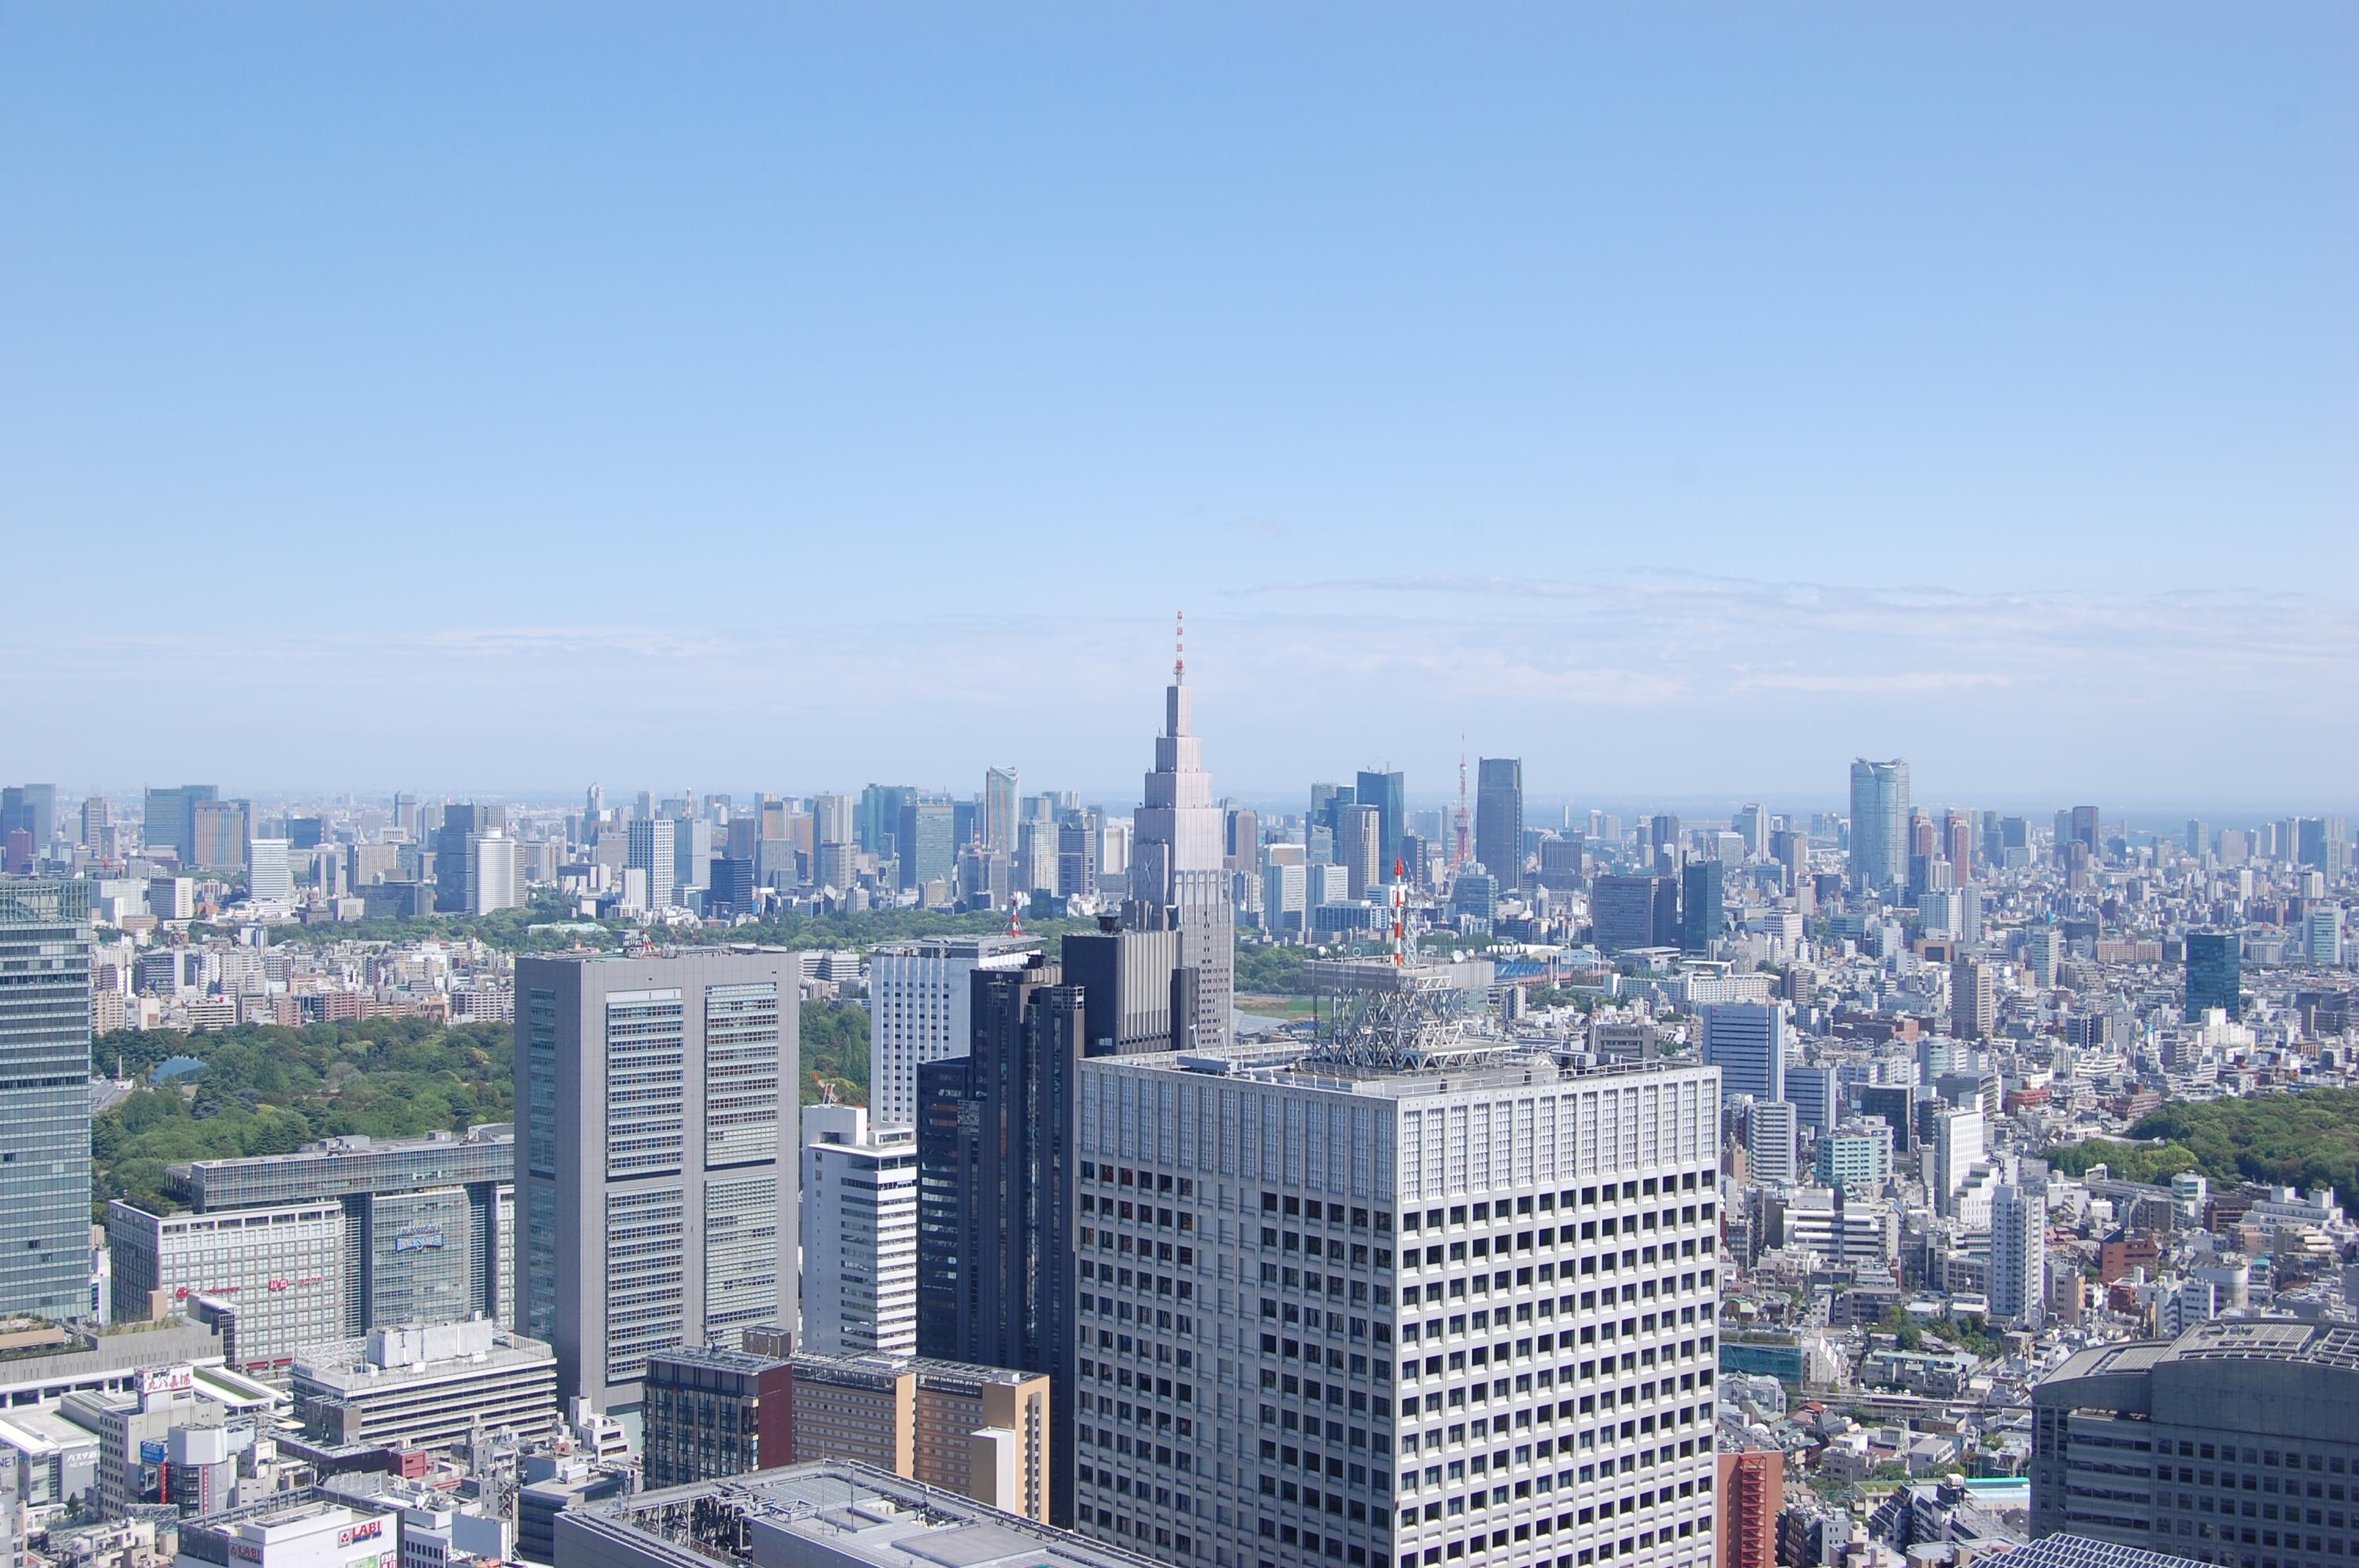 東京のライブハウス